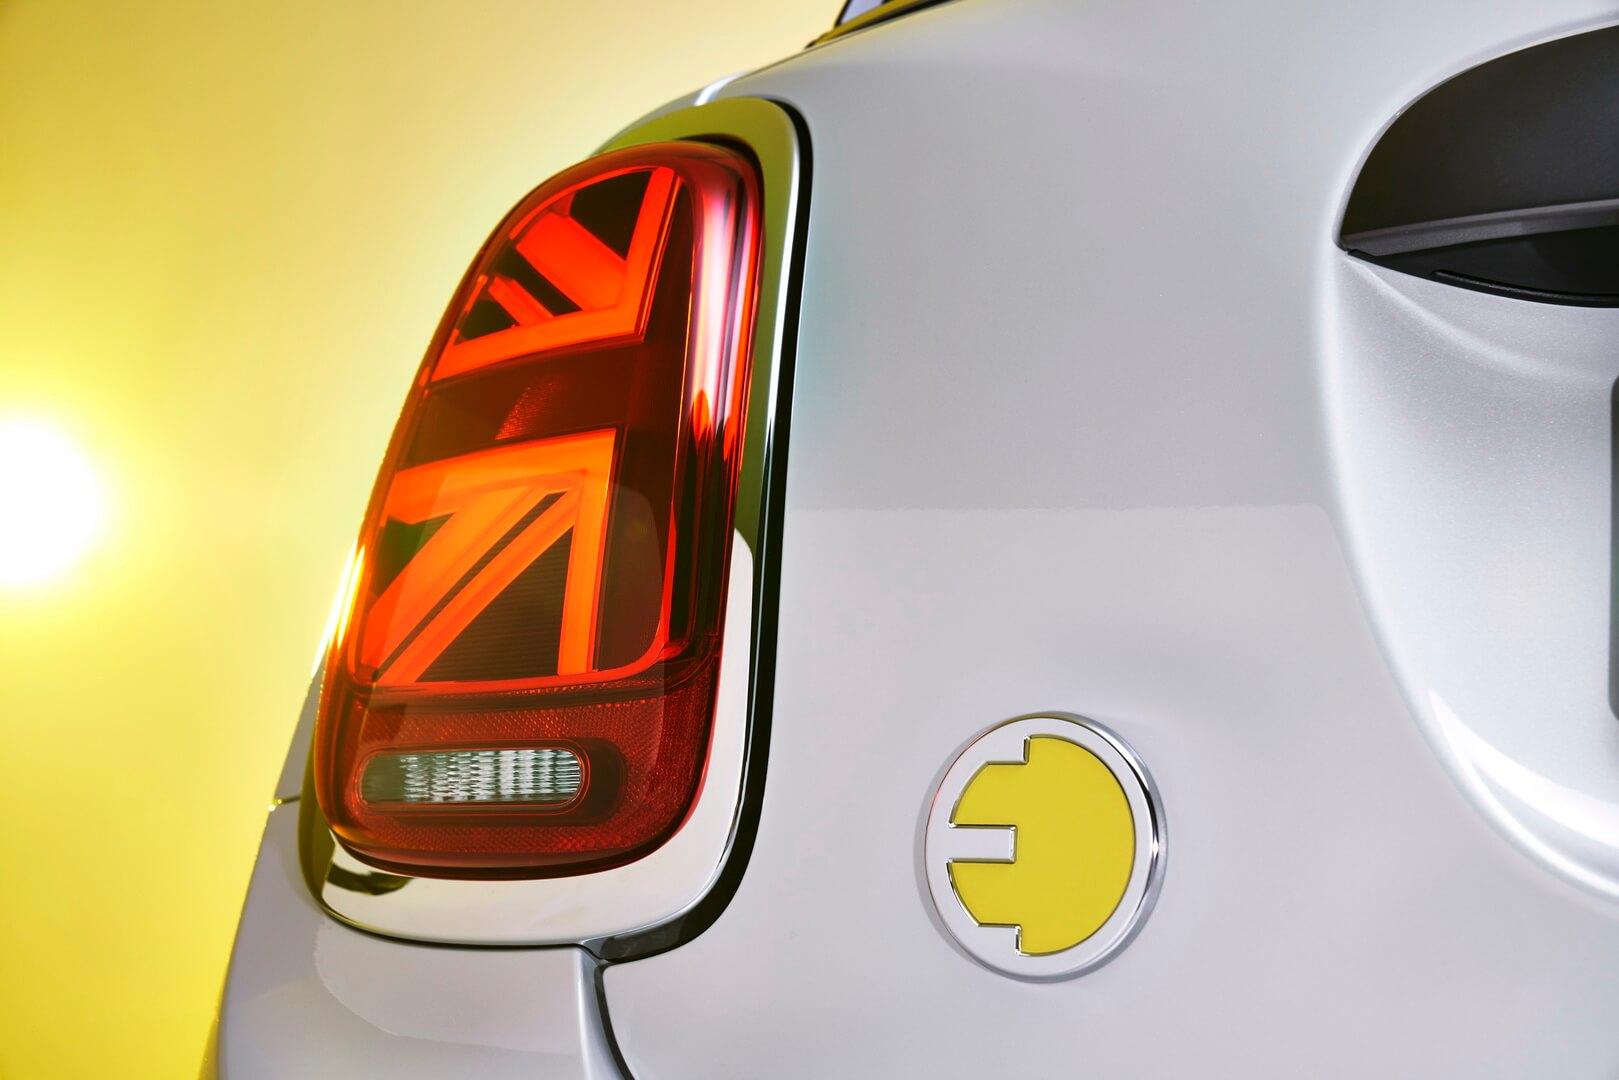 Шильдик, указывающий на электрическую природу автомобиля MINI Cooper